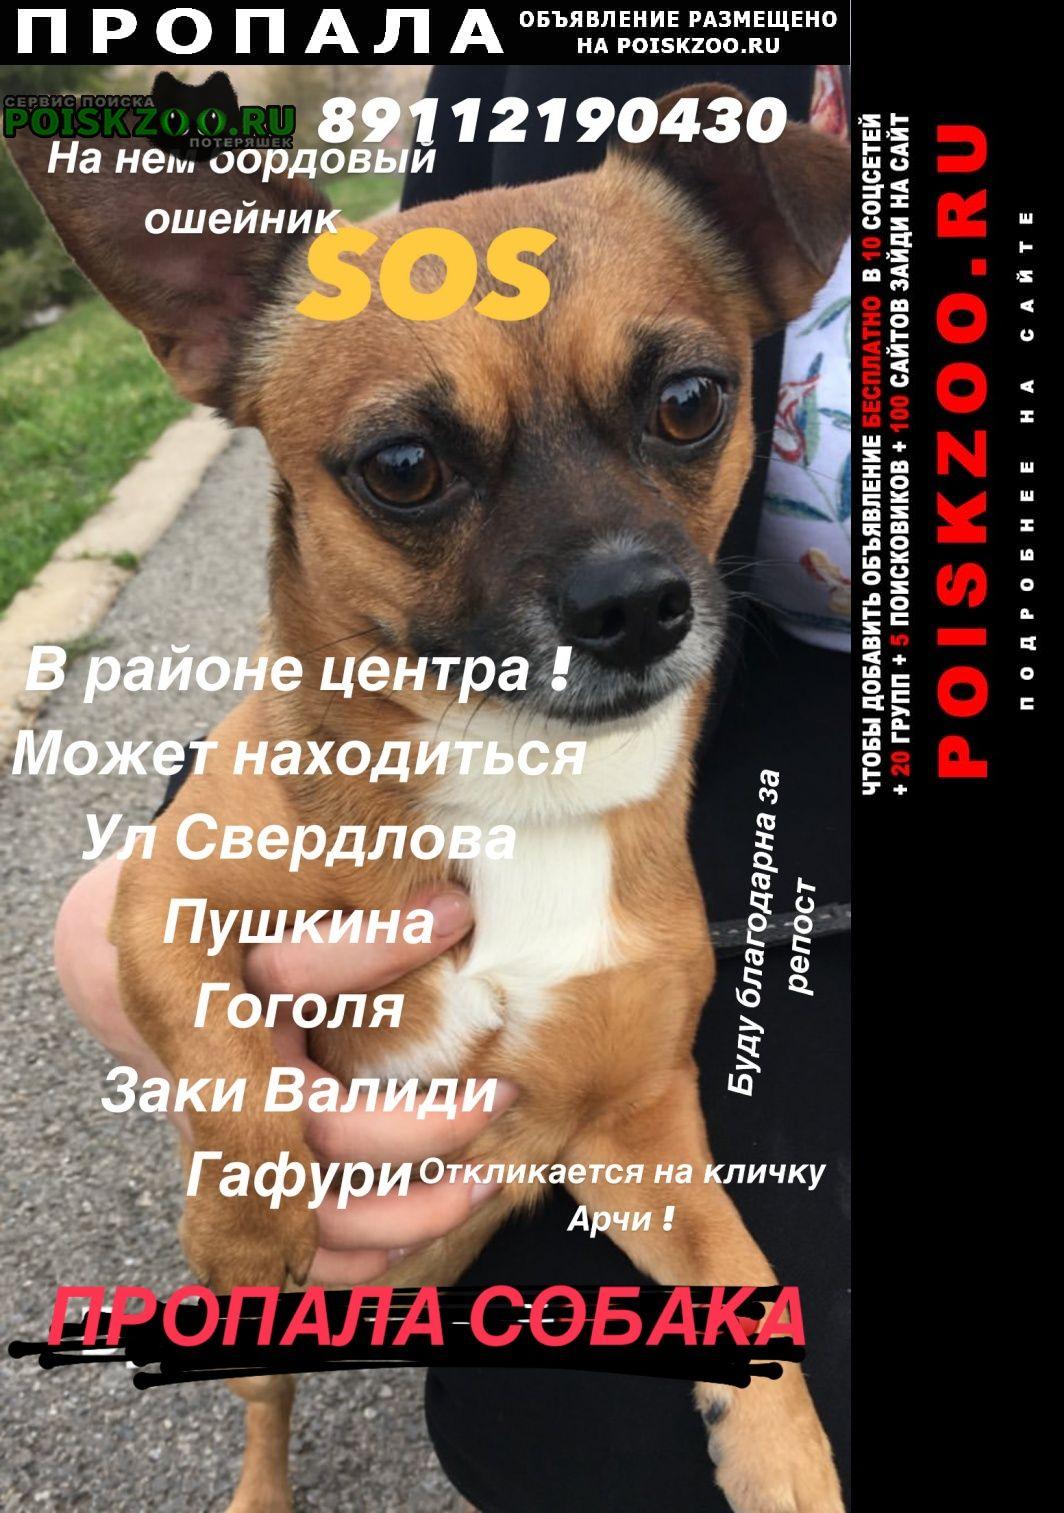 Пропала собака кобель помогите найти в центре города Уфа